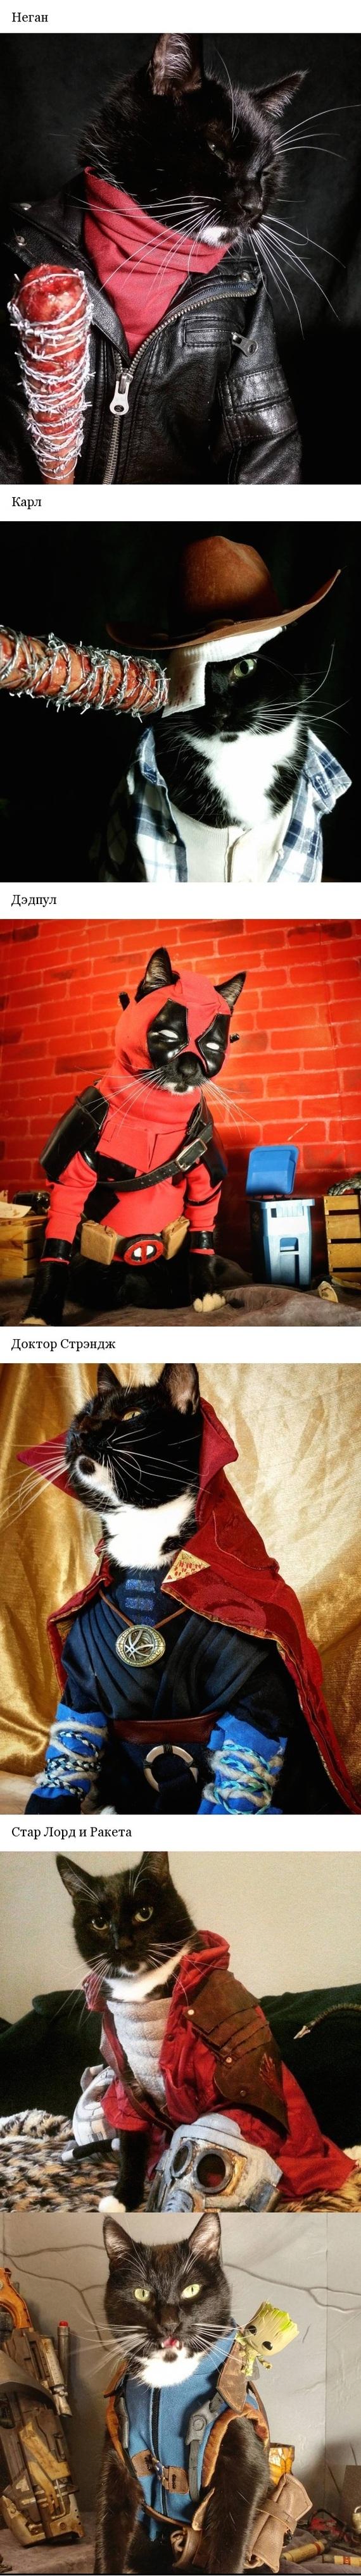 КотоКосплей #2 кот, Косплей, длиннопост, мой хозяин идиот, ходячие мертвецы, Deadpool, Доктор Стрэндж, Стражи галактики